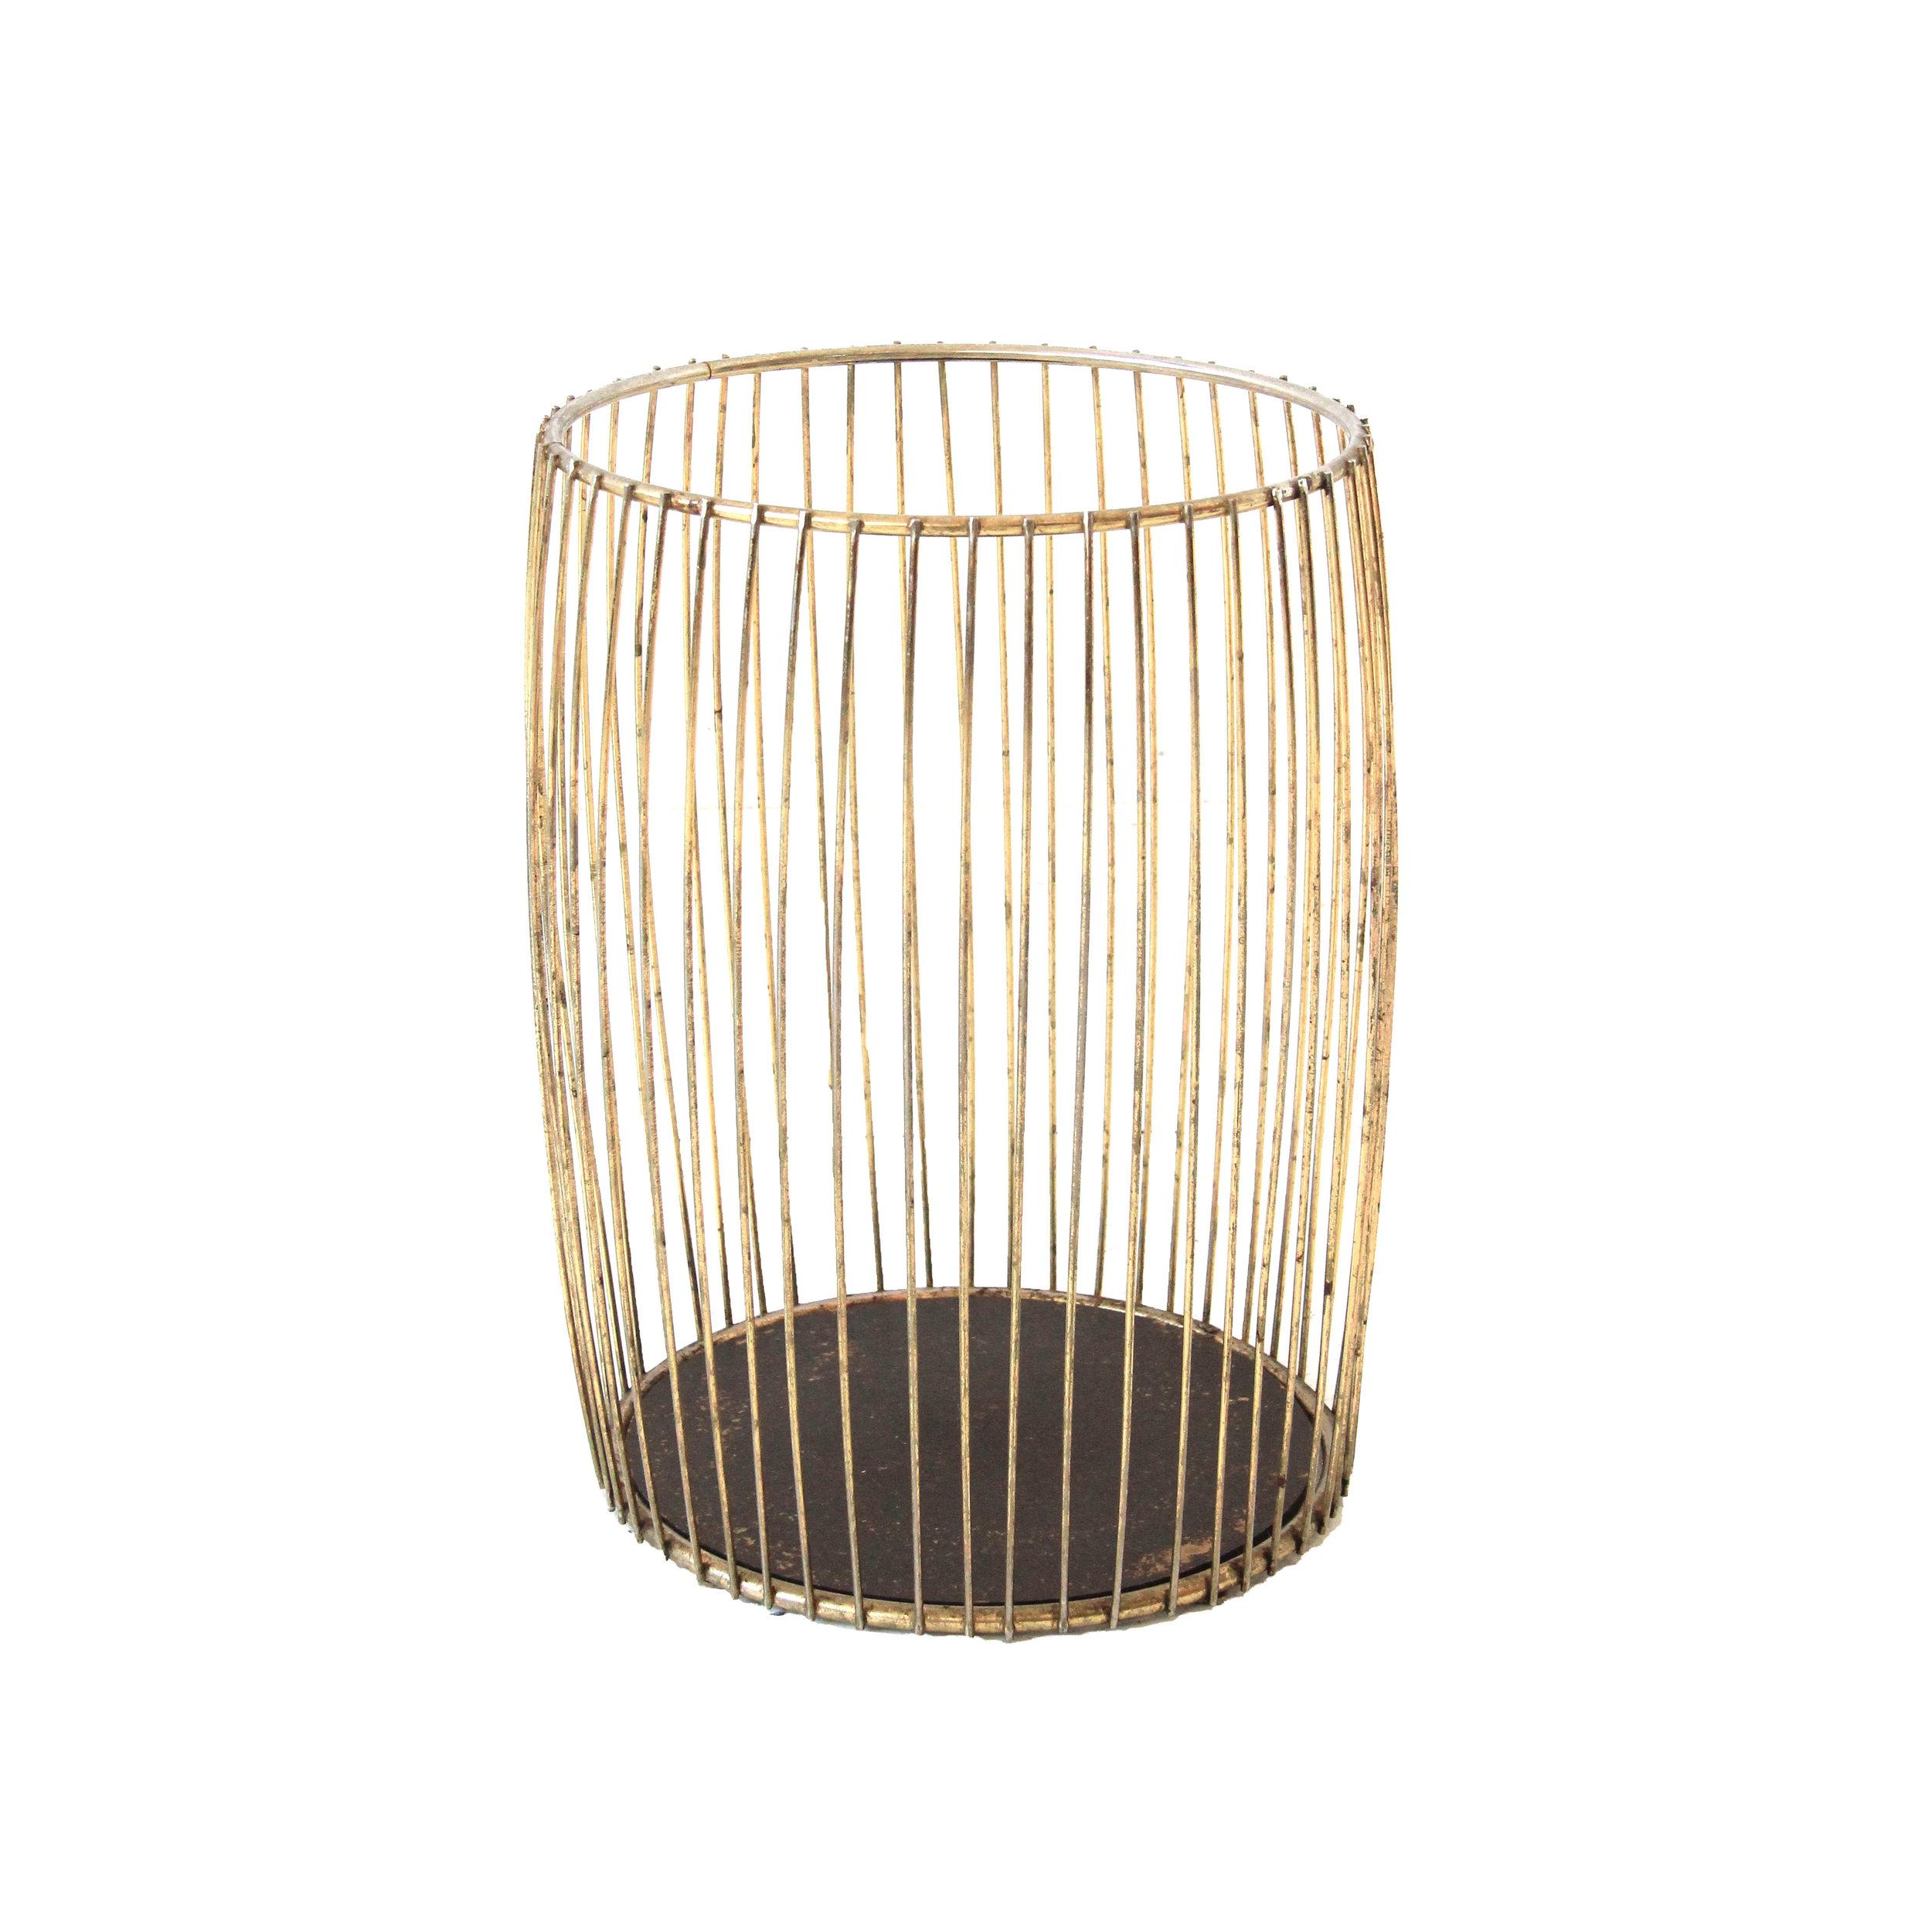 Vintage Brass Waste Basket